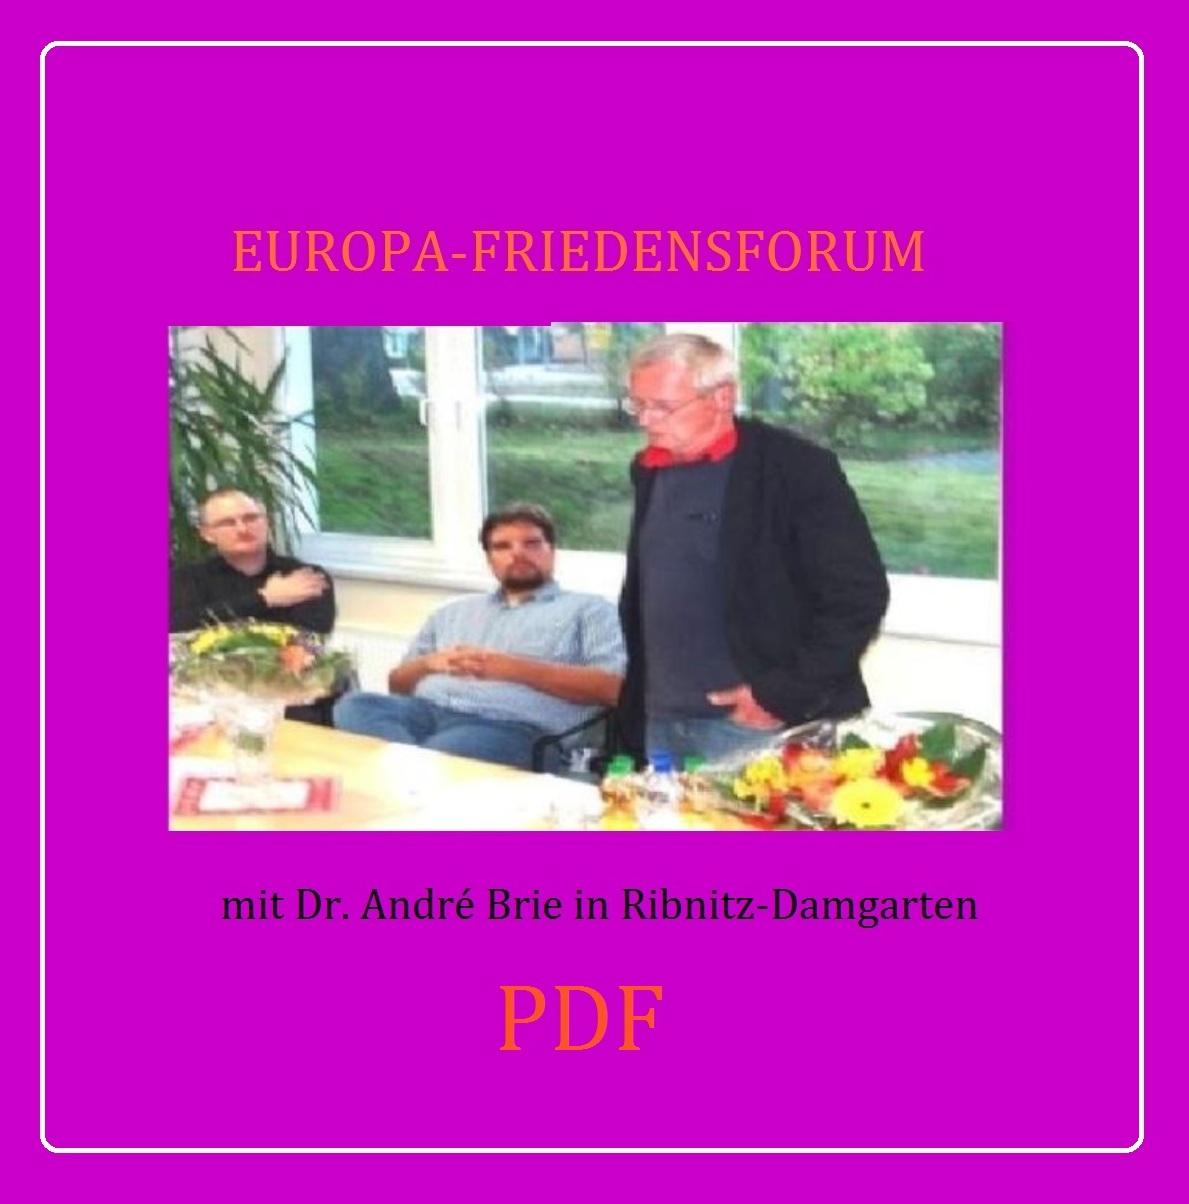 Europa-Friedensforum am 06. Oktober 2014 in Ribnitz-Damgarten mit Dr. André Brie, Mitglied des Landtages von Mecklenburg-Vorpommern und Mitglied des Lenkungsausschusses des Petersburger Dialoges zwischen Russland und Deutschland -  PDF